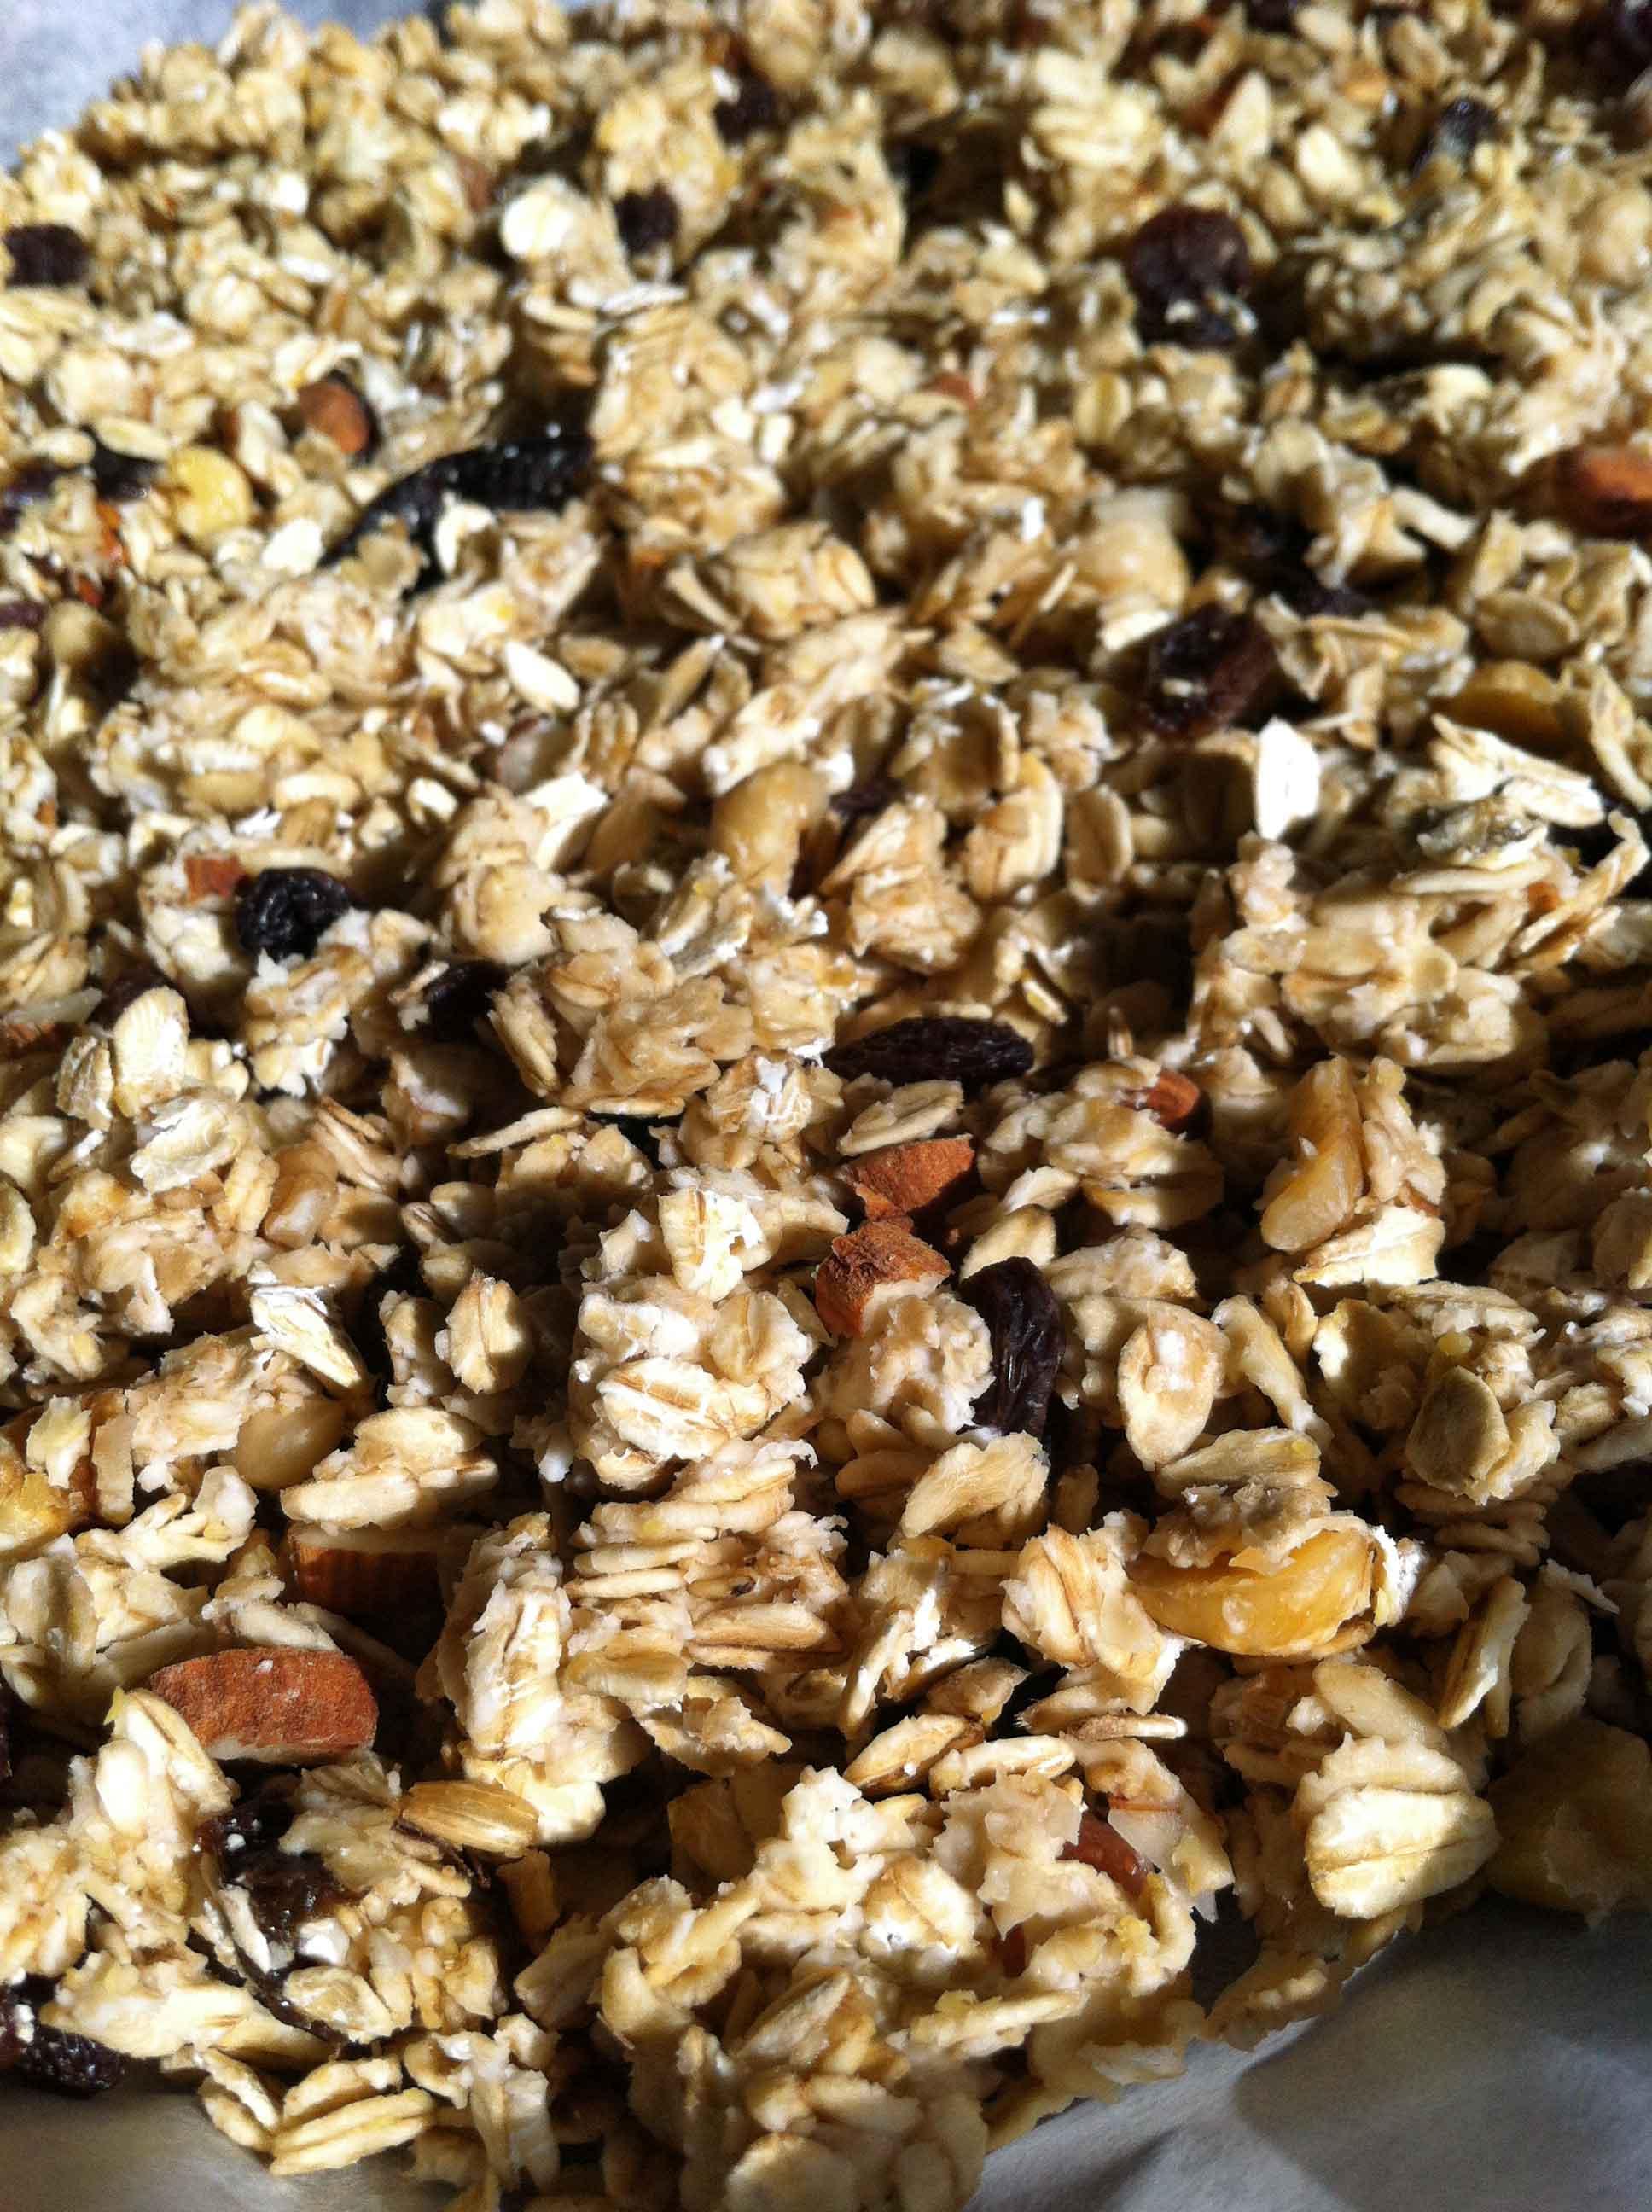 Home made organic granola from Fattoria Barbialla Nuova